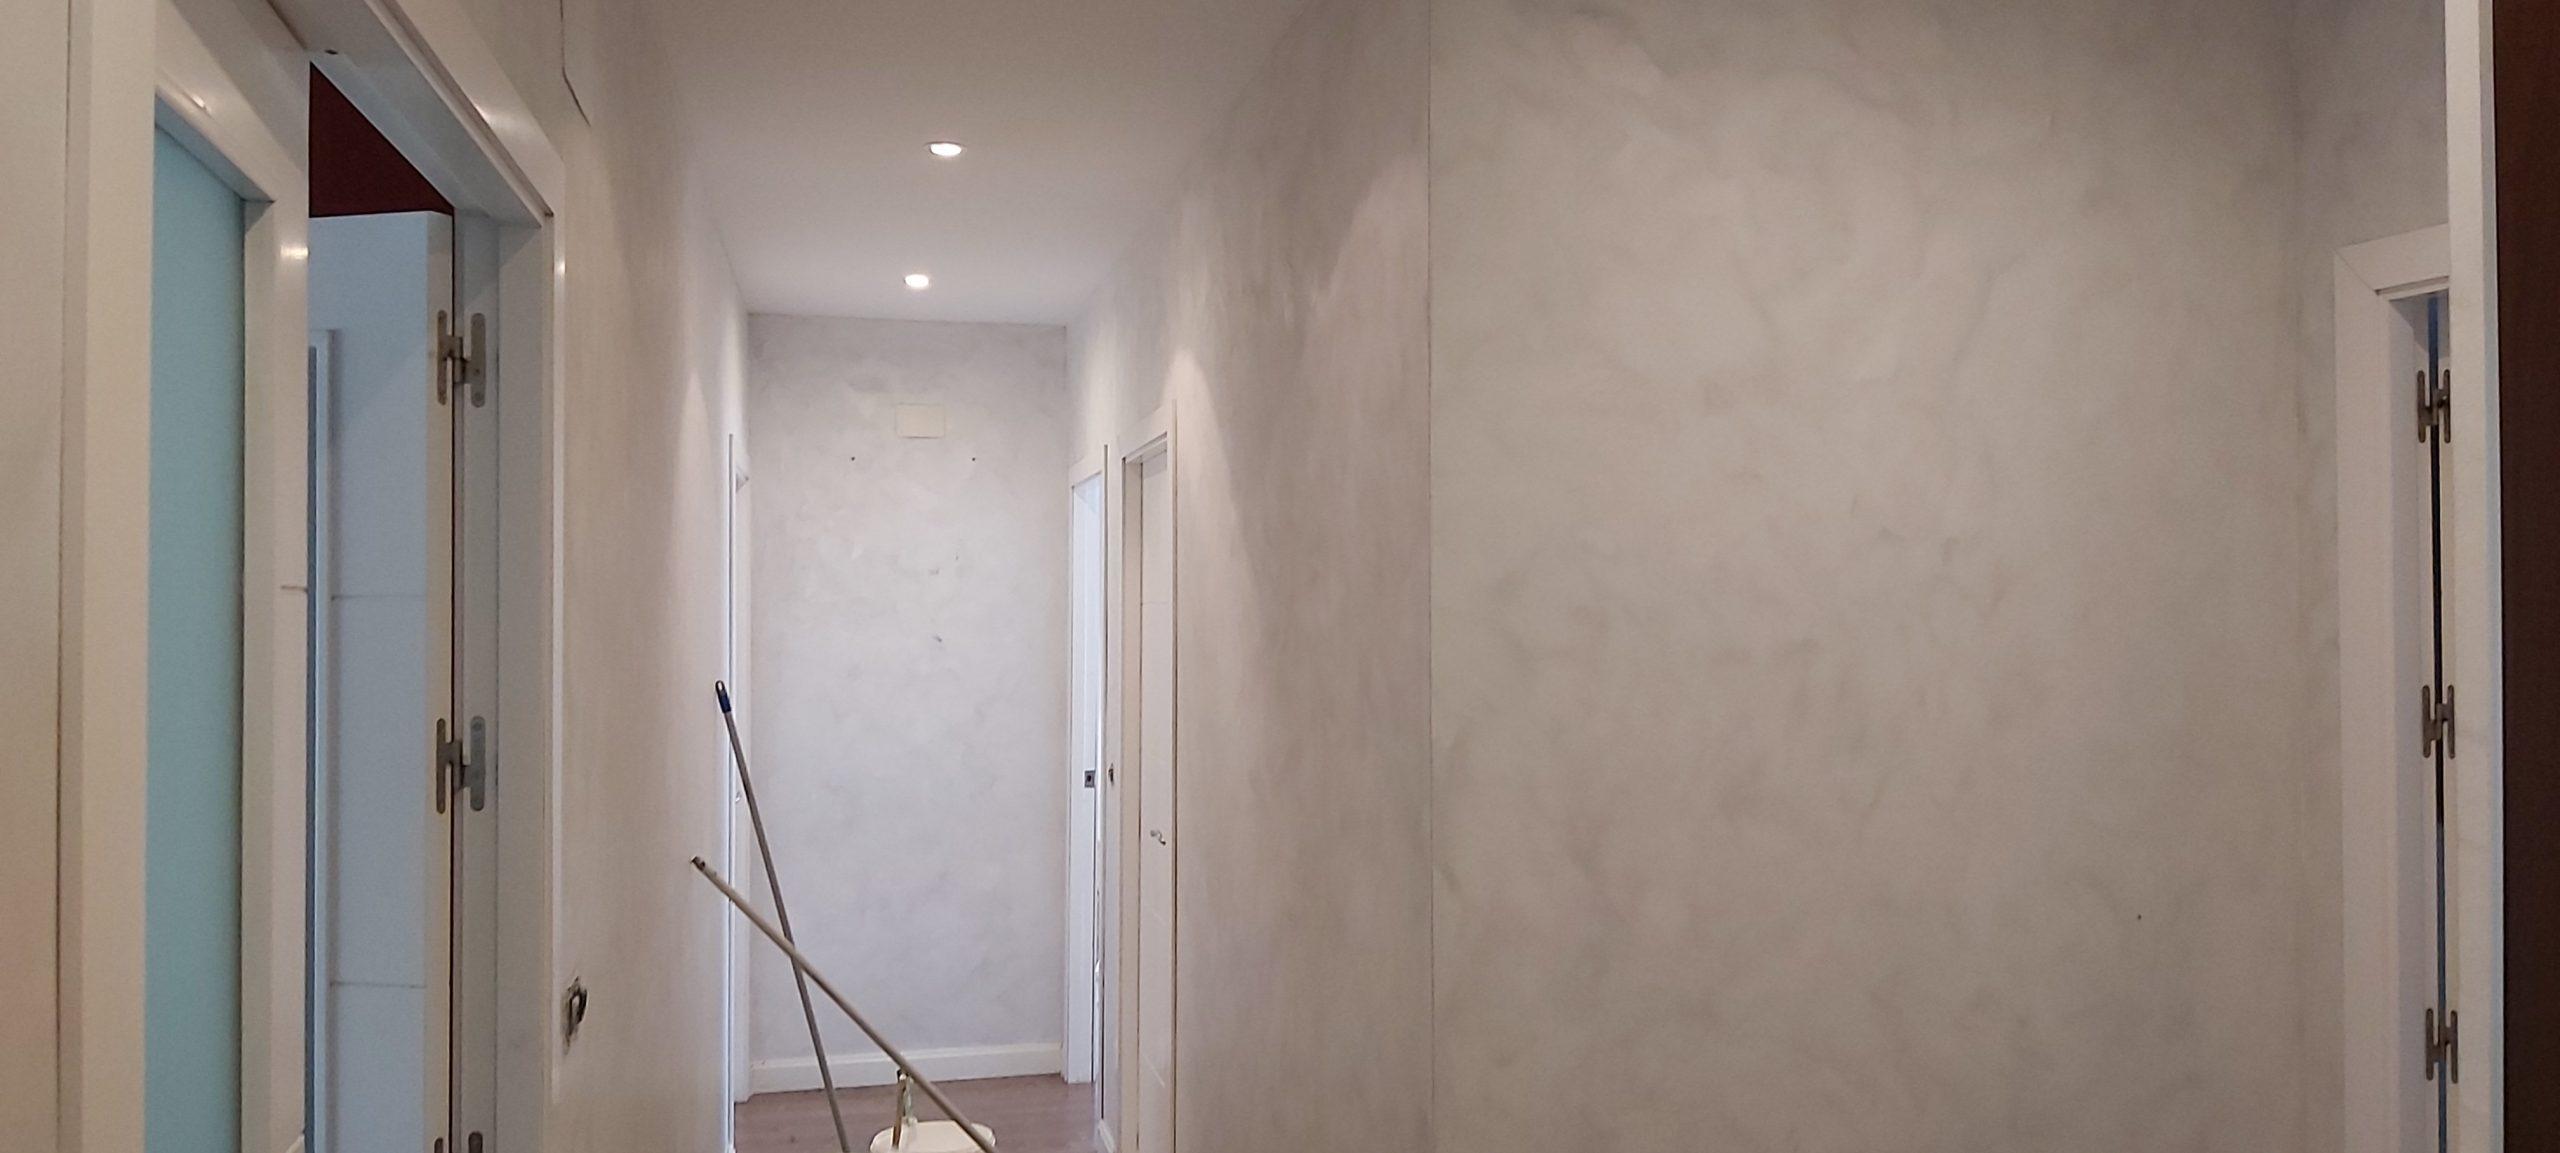 Pintar el interior de tu casa. Pintando piso